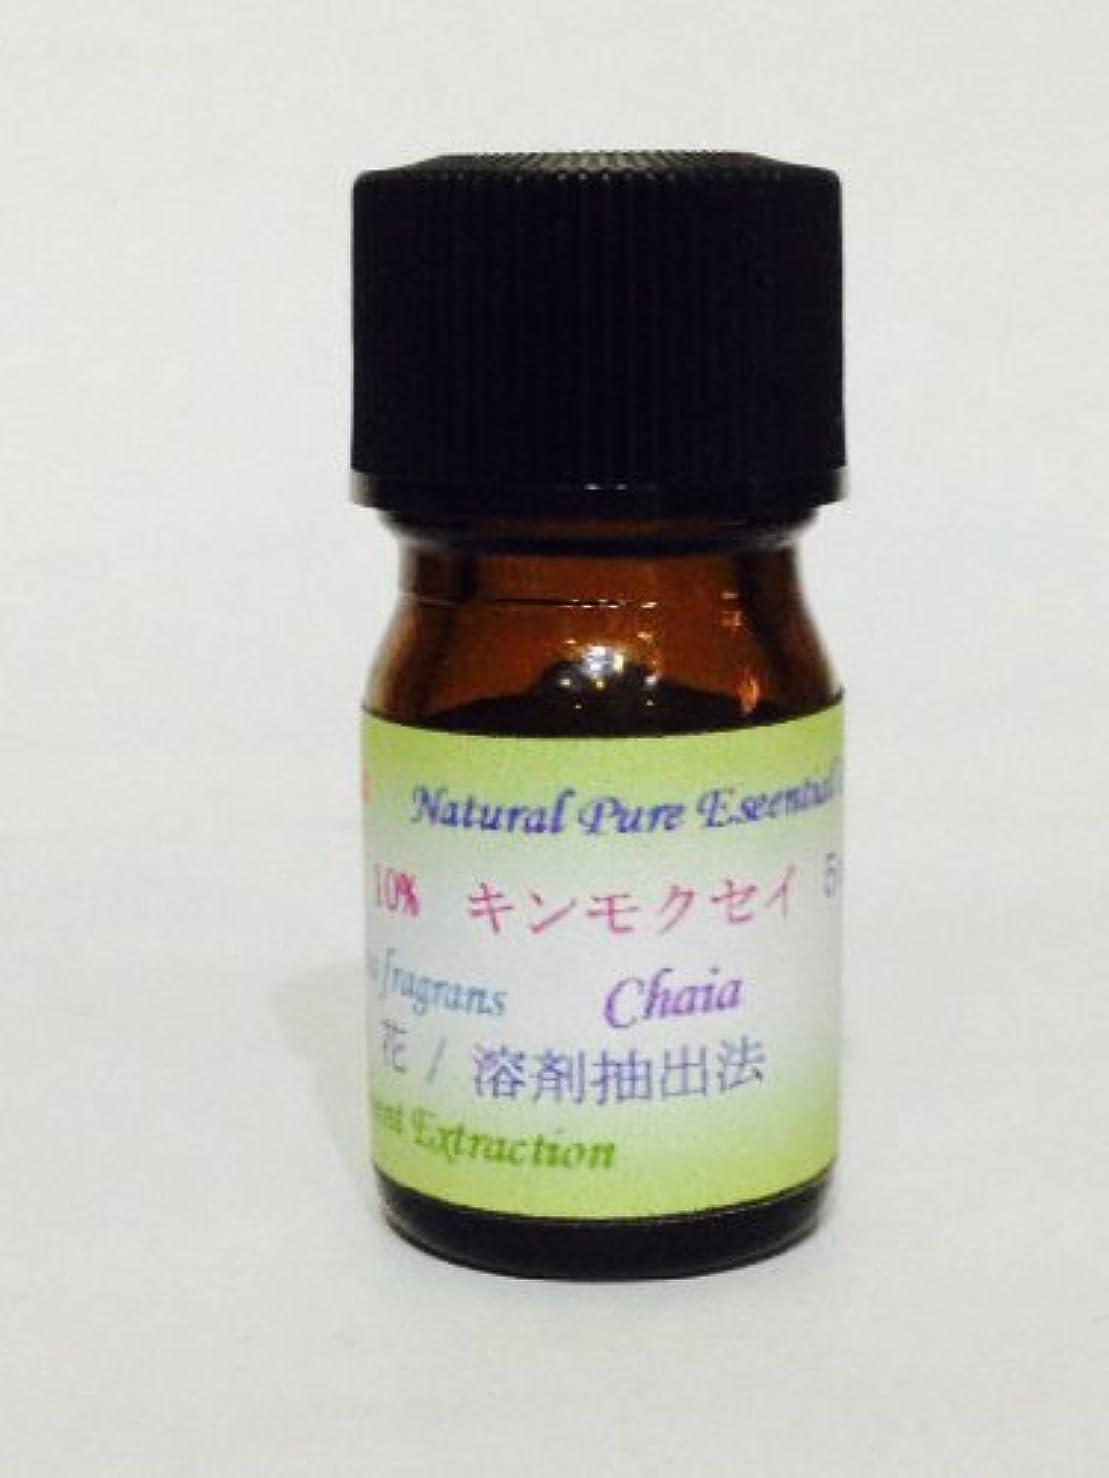 桃緊張する予言するキンモクセイAbs 10% エッセンシャルオイル 精油 5ml アロマ 季節の花